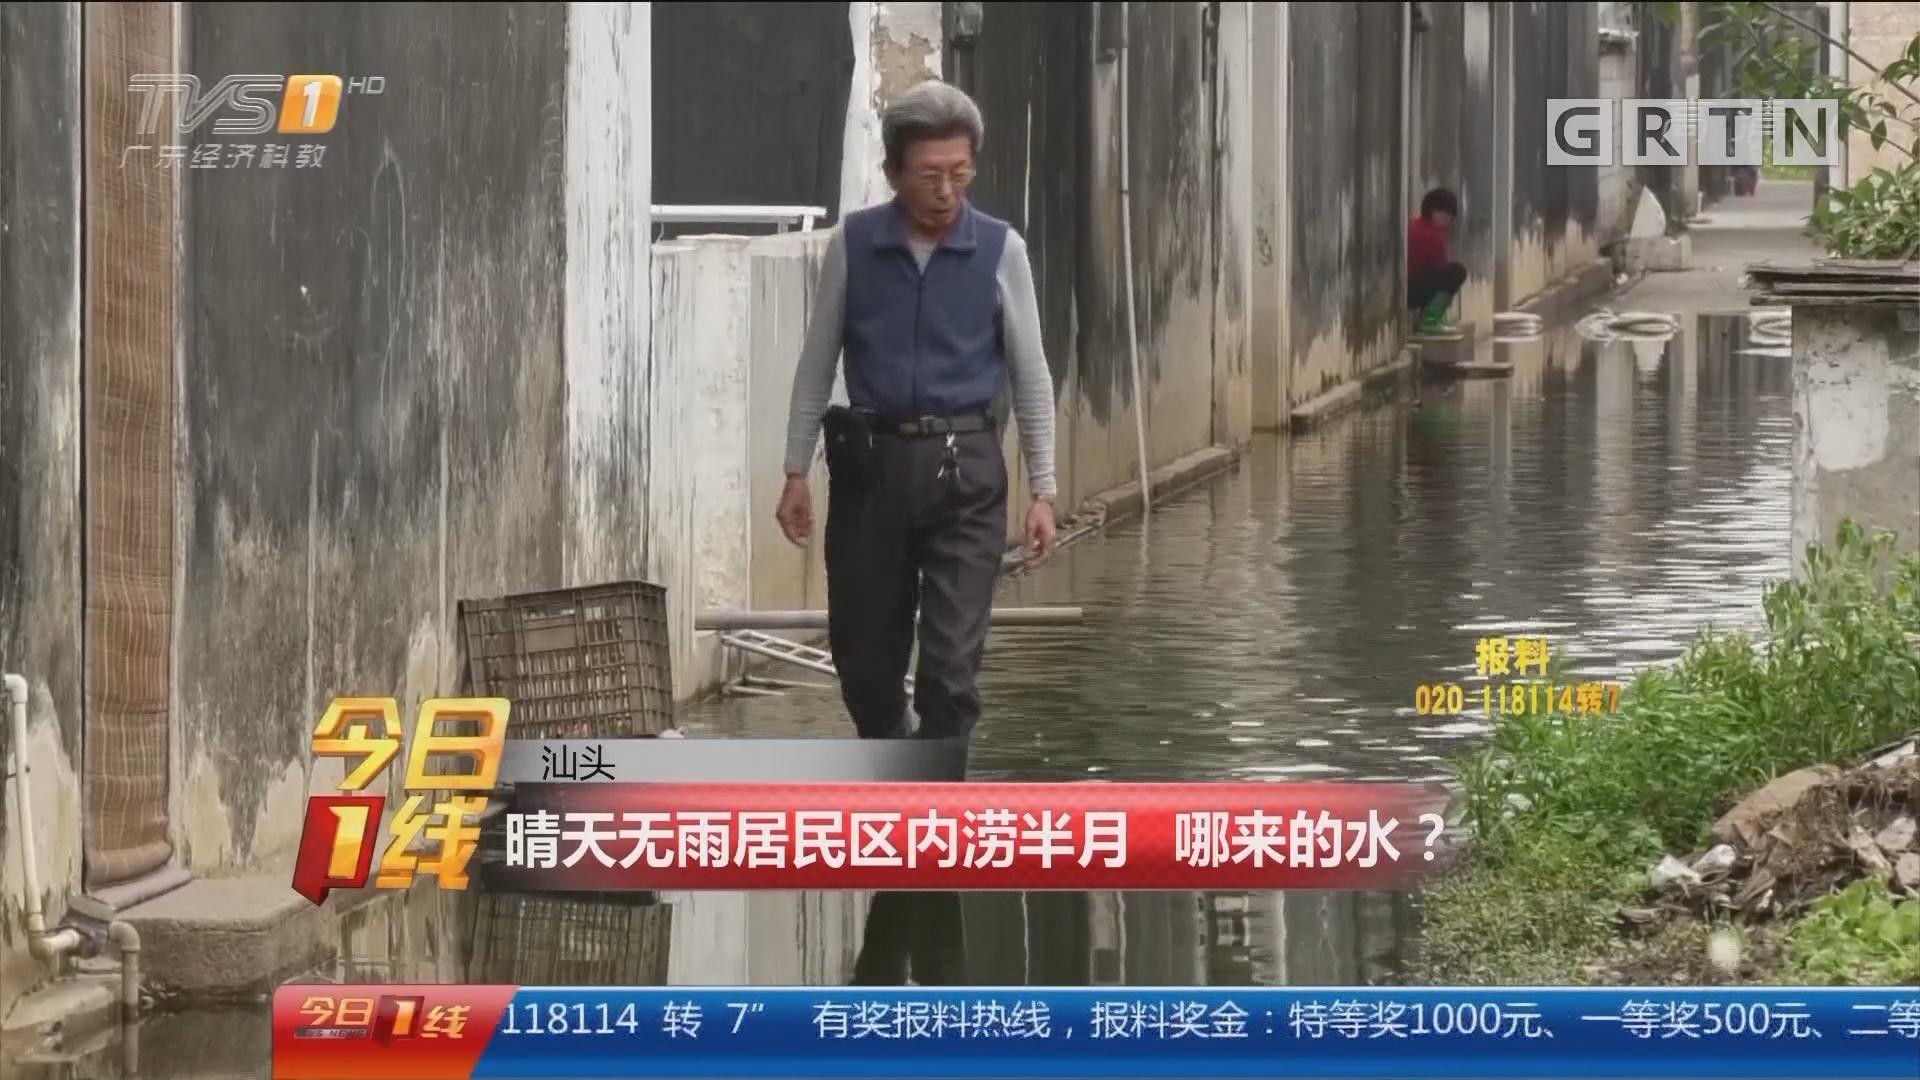 汕头:晴天无雨居民区内涝半月 哪来的水?